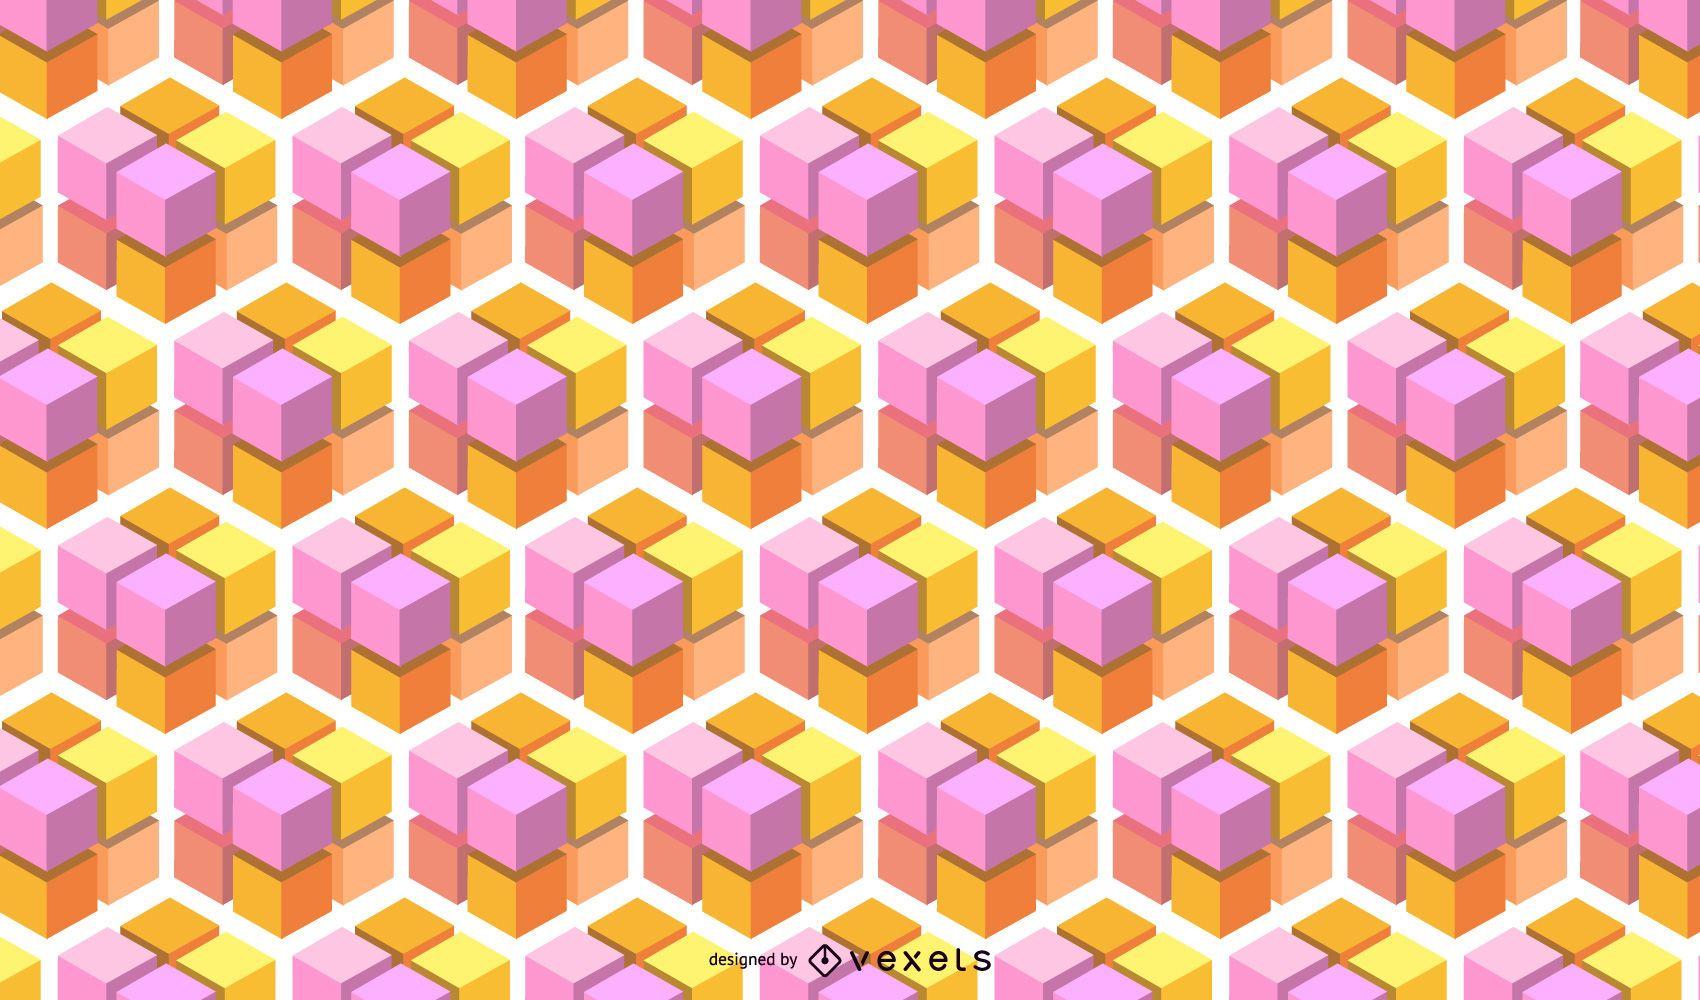 Patrón cúbico 3D abstracto geométrico